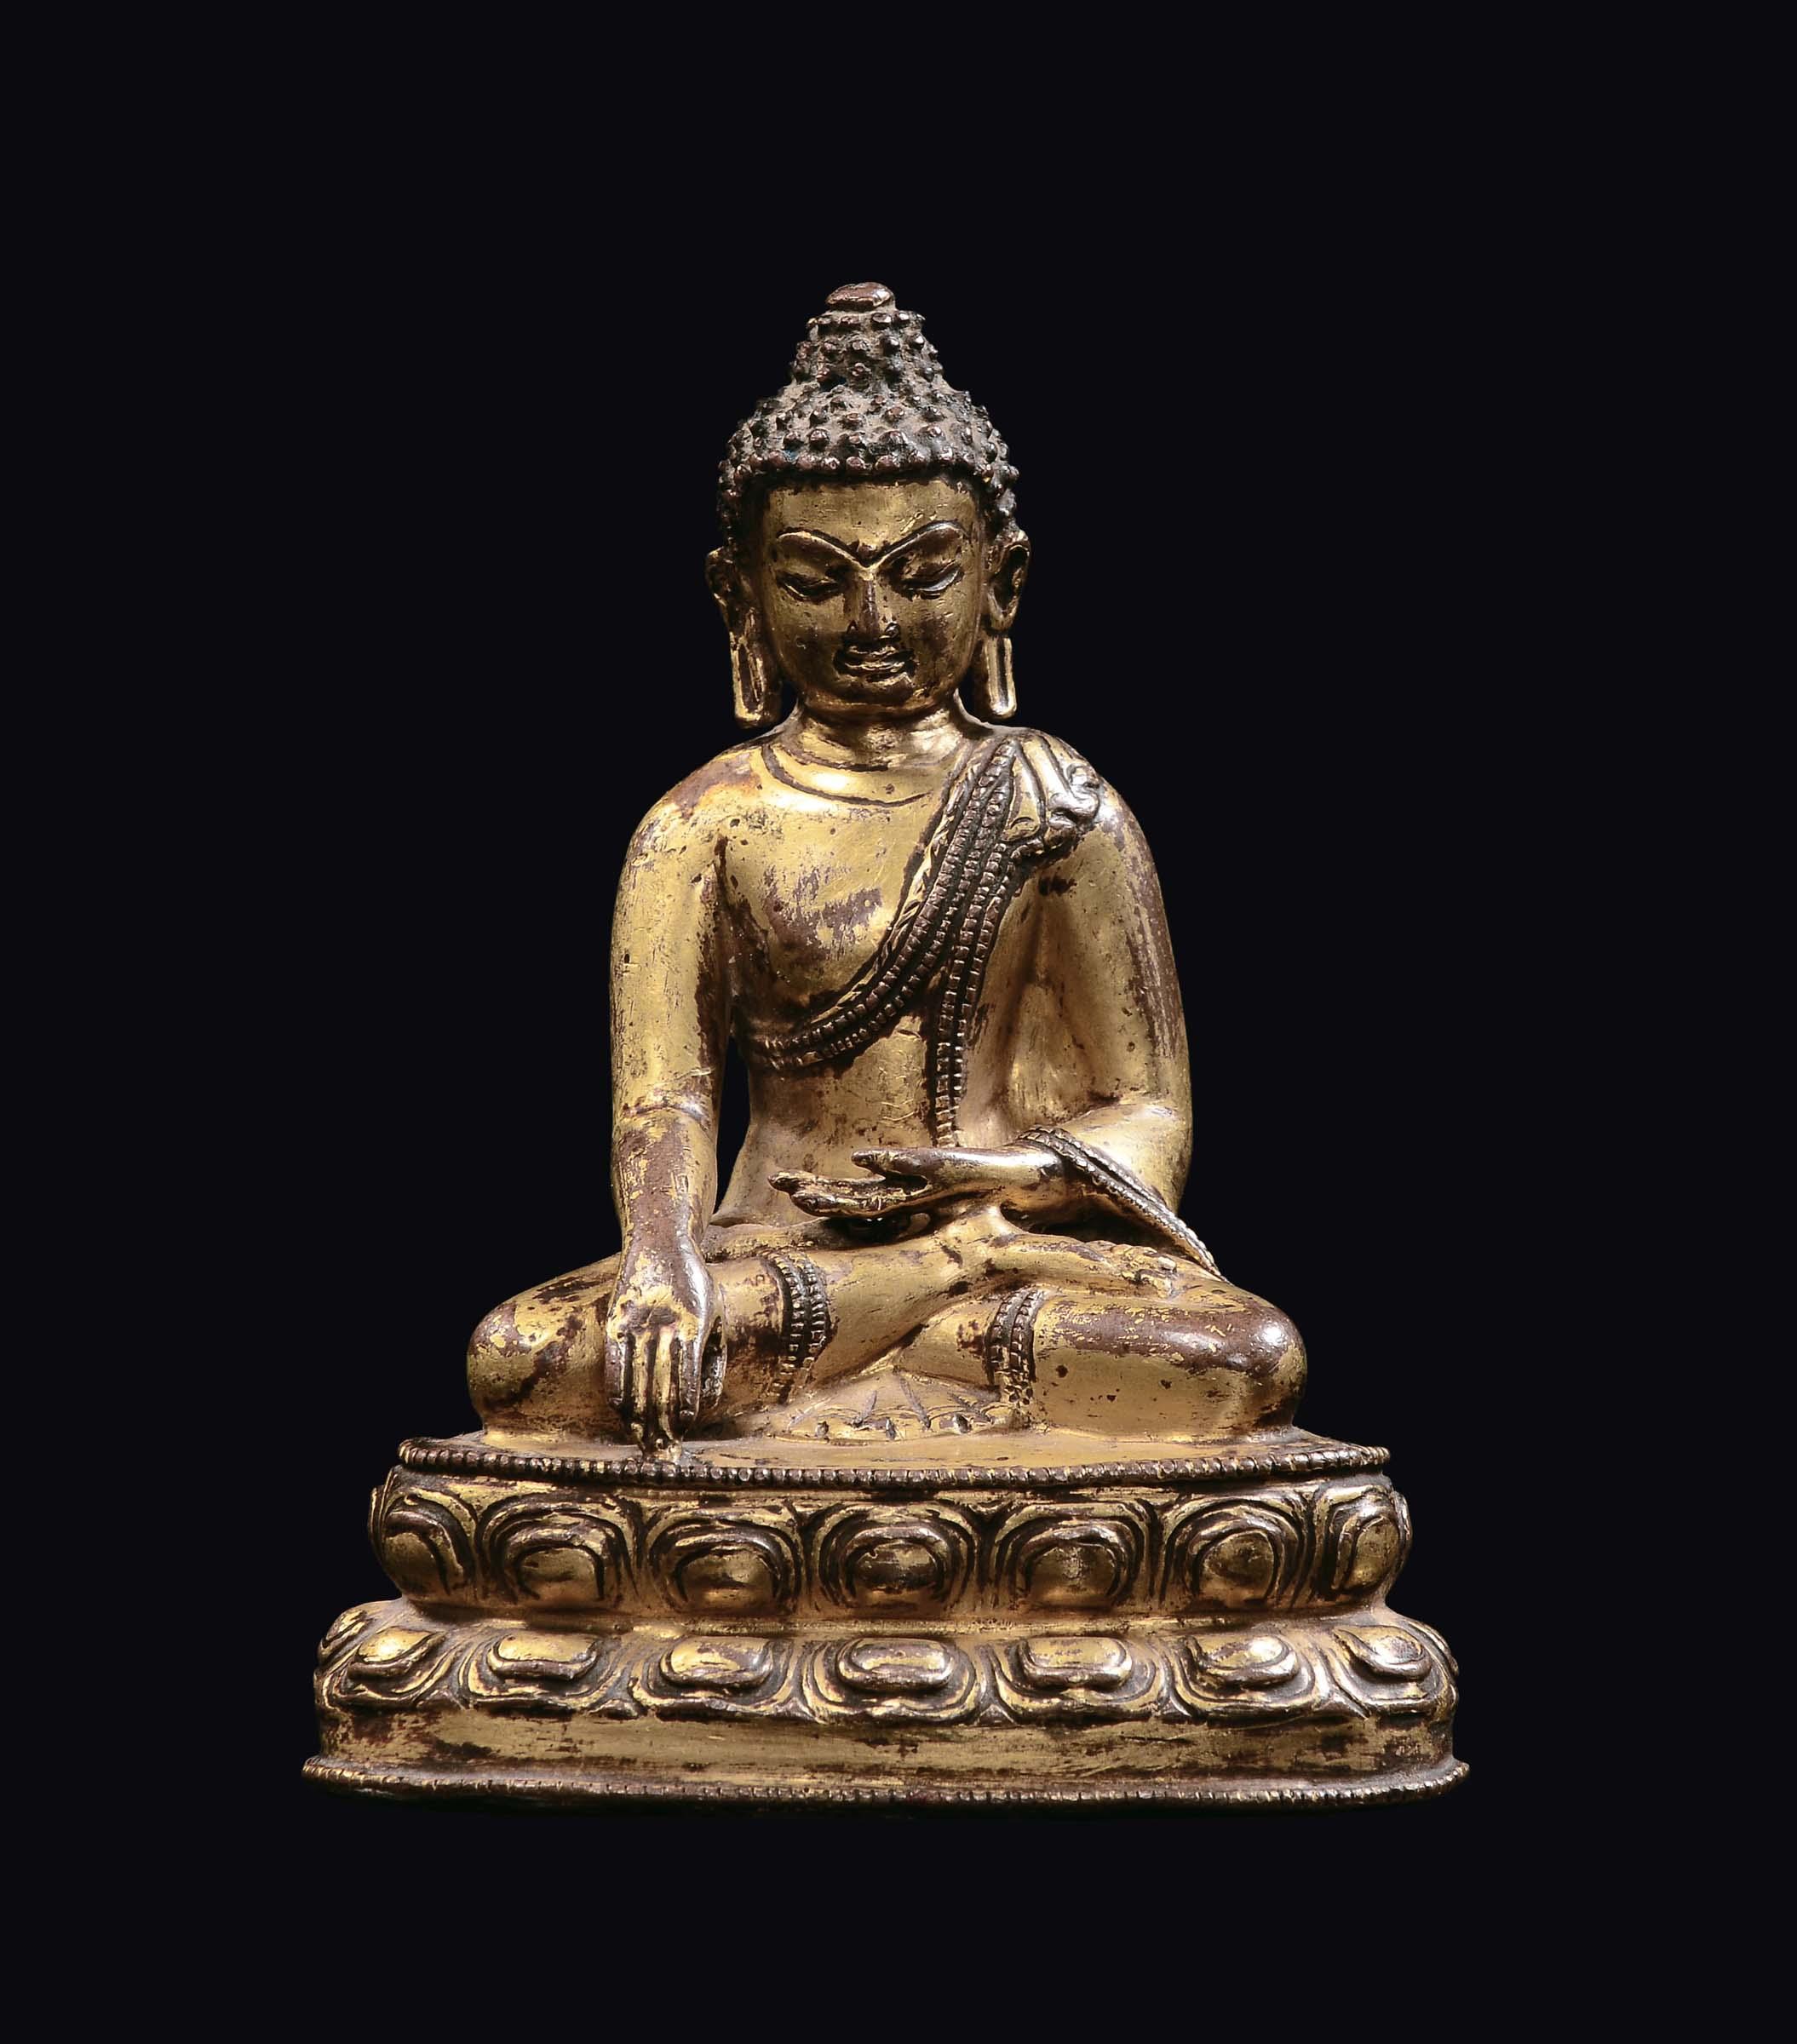 A small gilt bronze buddha figure on a double lotus flower tibet lot 483 a small gilt bronze buddha figure on a double lotus flower tibet izmirmasajfo